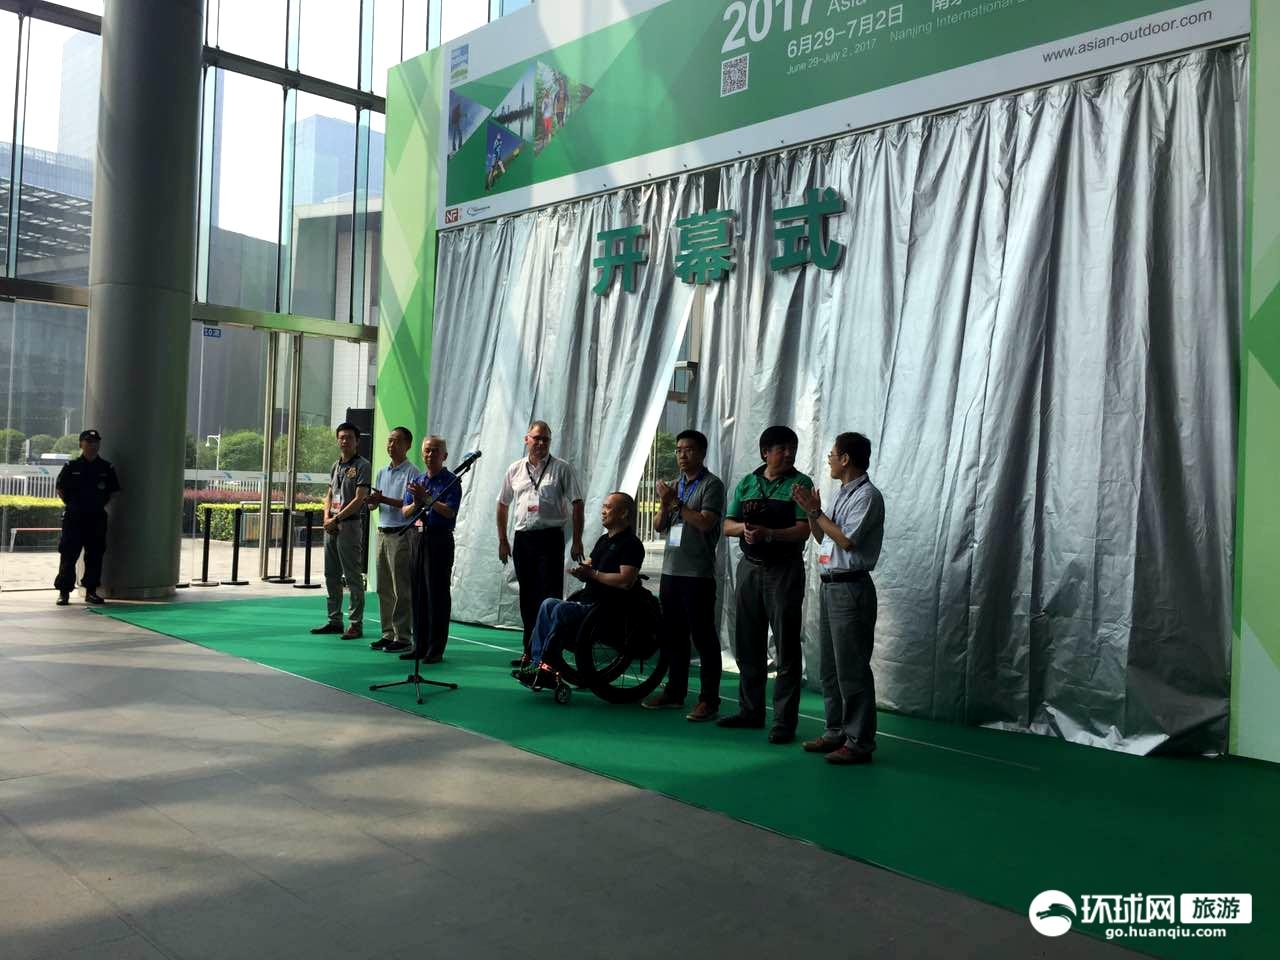 2017亚洲户外展在南京举办 户外活动精彩纷呈